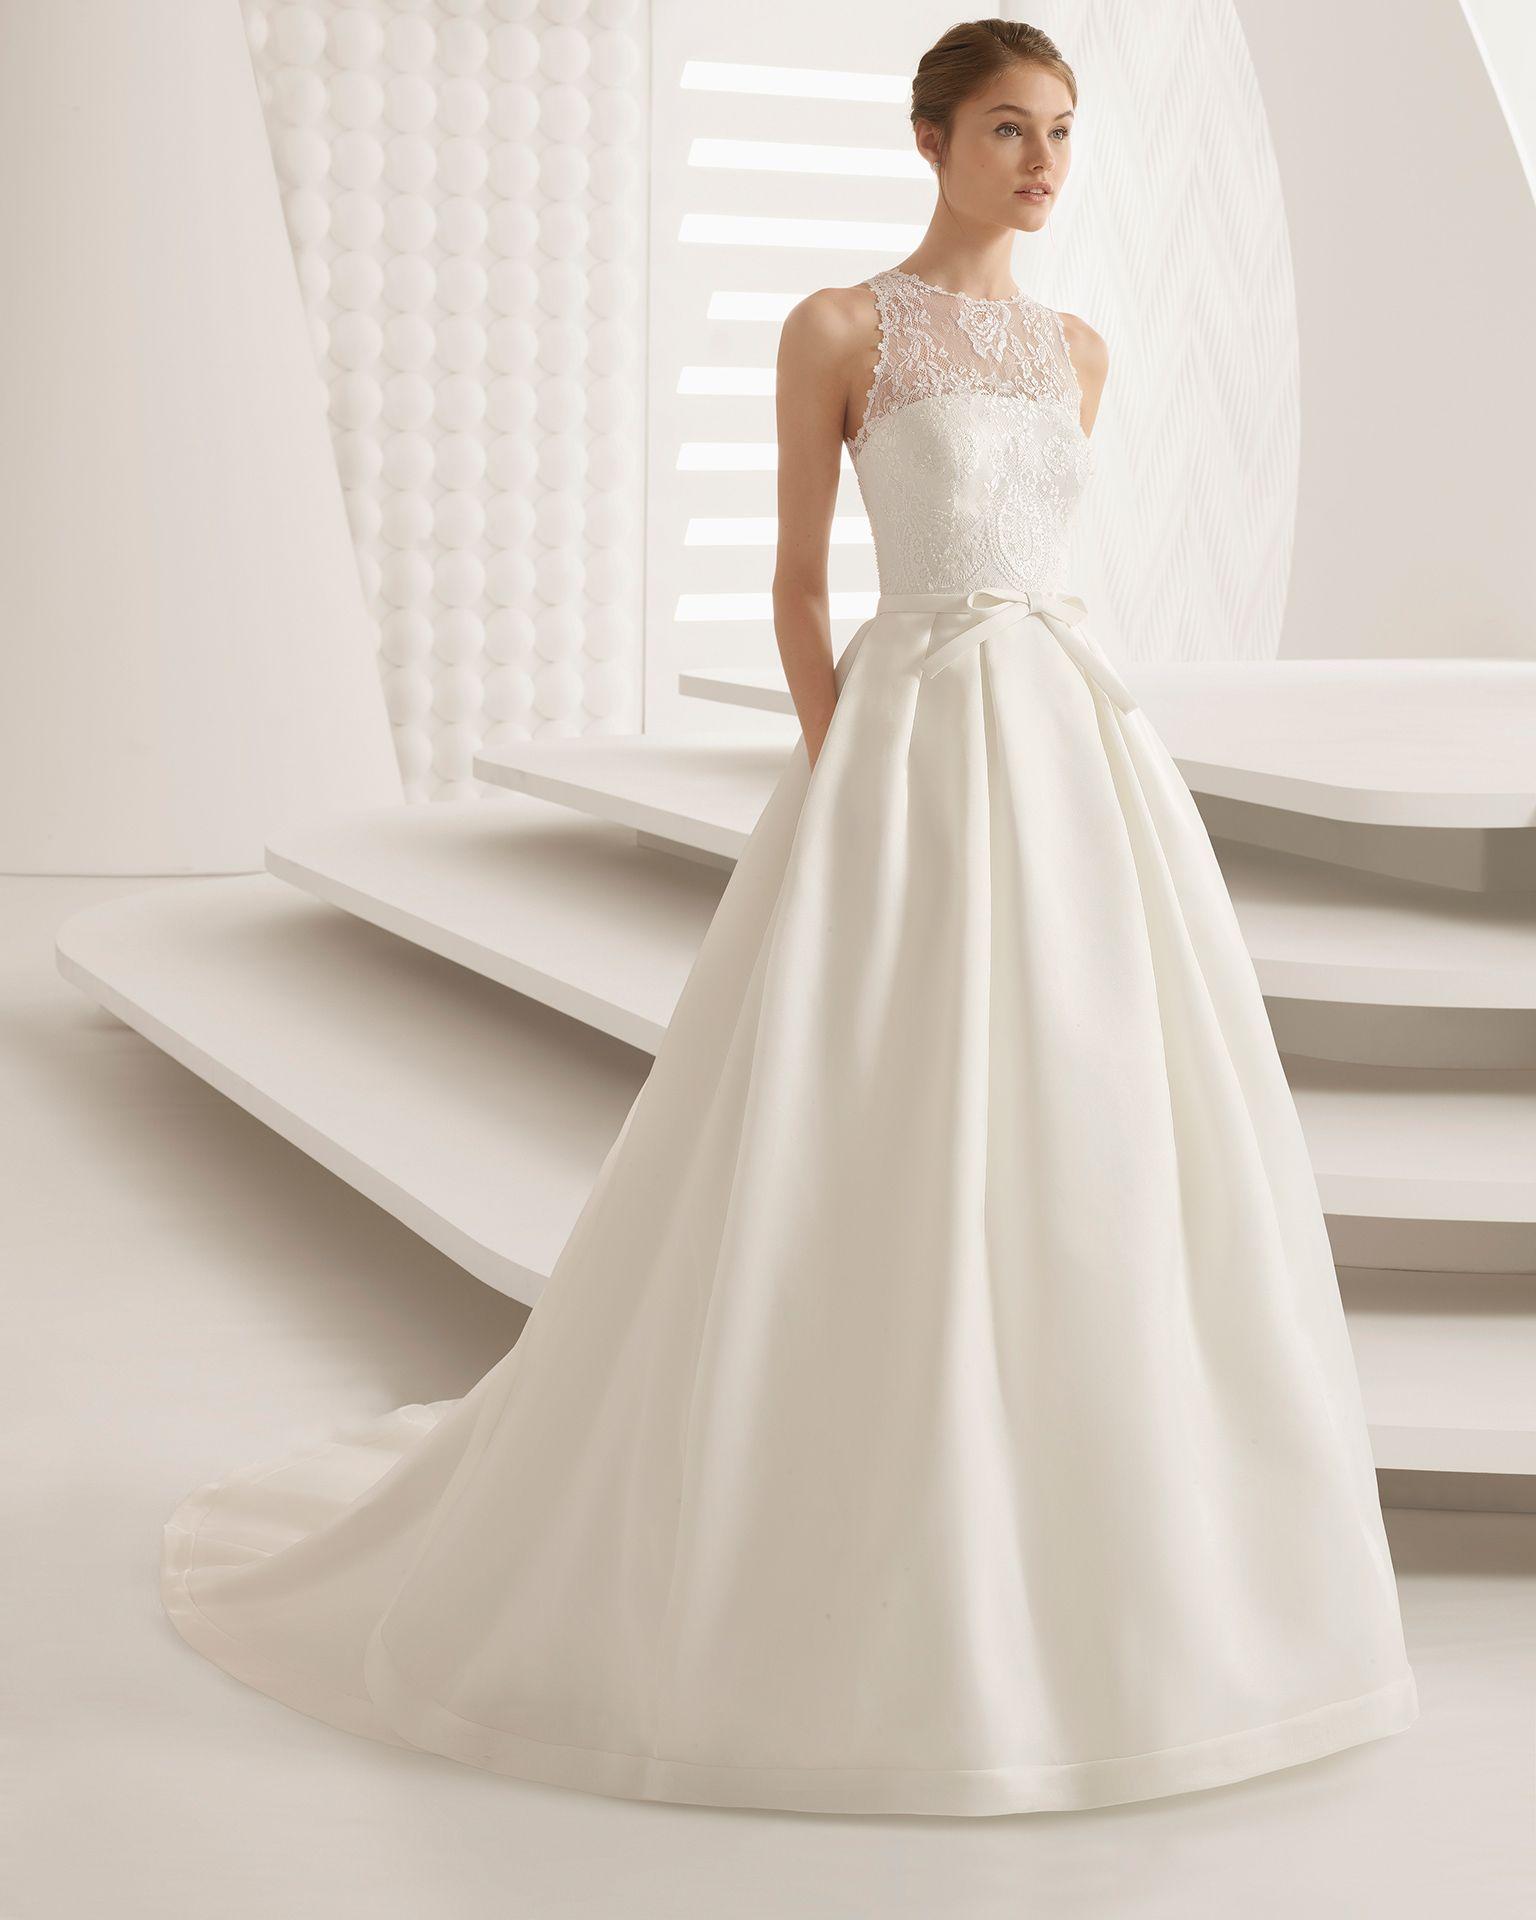 Un abito che non potrai dimenticare! Abito da sposa originale grazie a  questo favoloso scollo halter confezionato in pizzo e strass. 809a46bff07